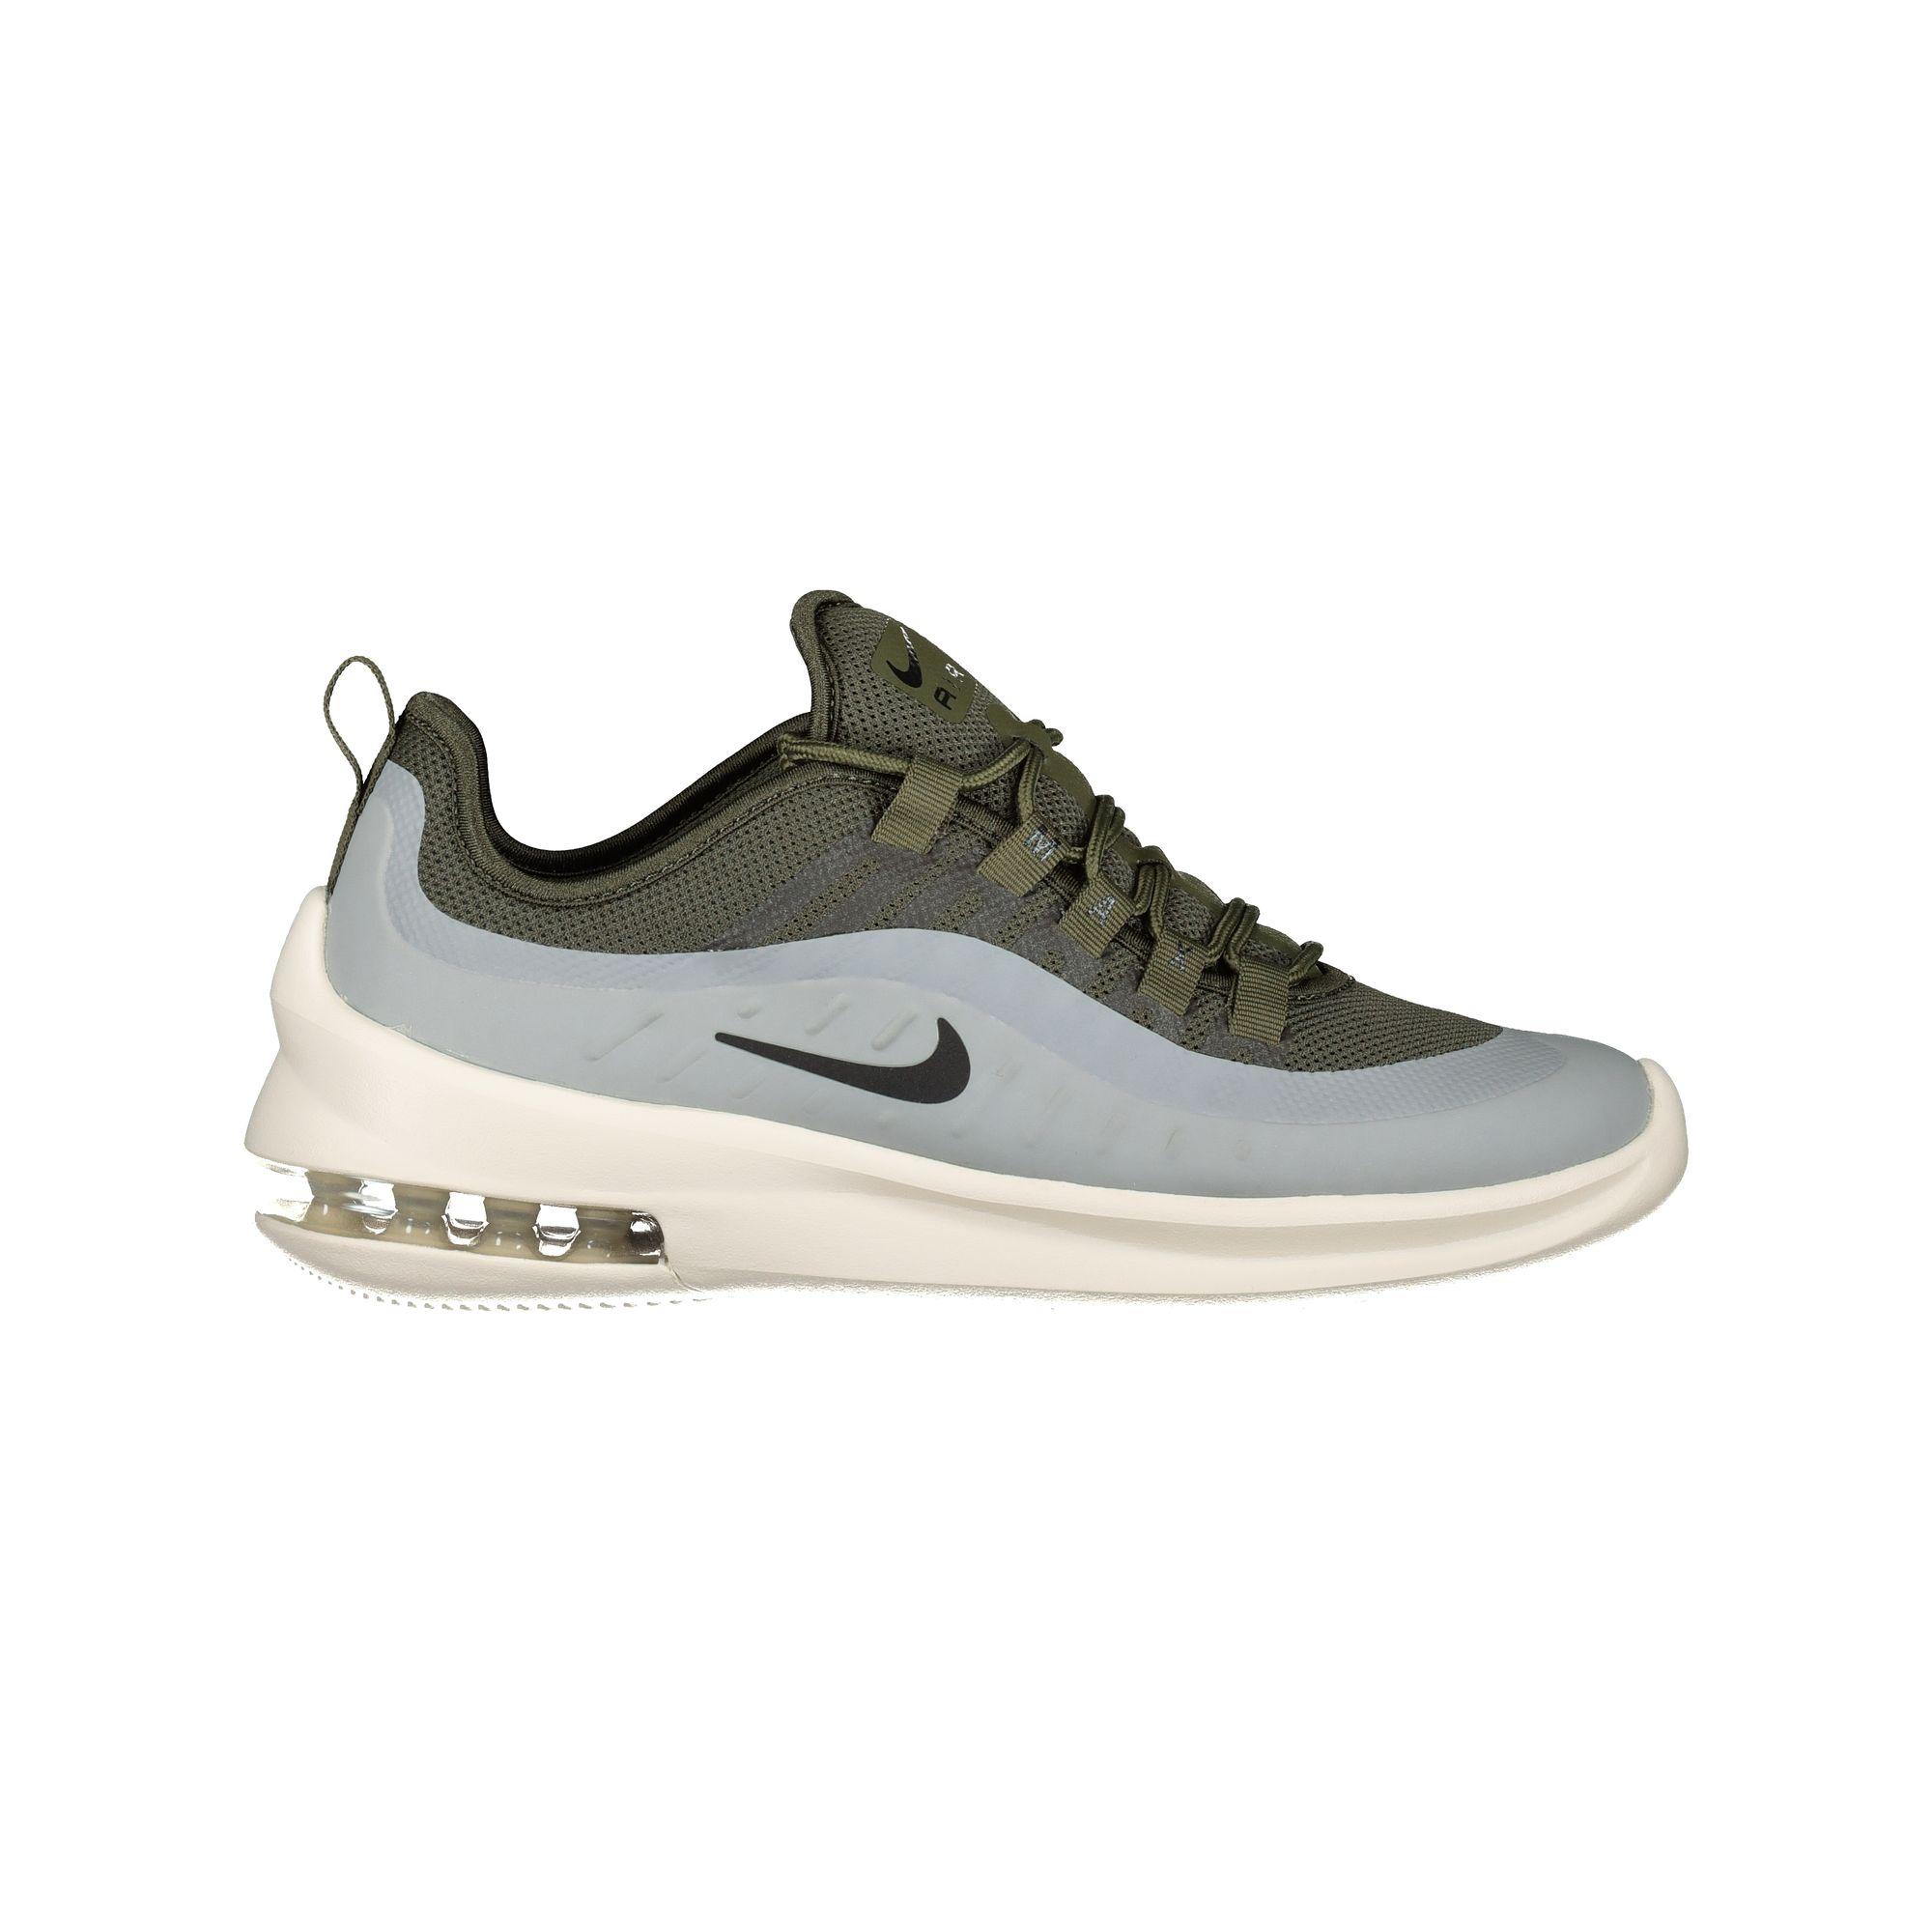 Nike Air Max Axis Freizeitschuhe Herren Cargo Khaki Men Schuhe Freizeitschuhe